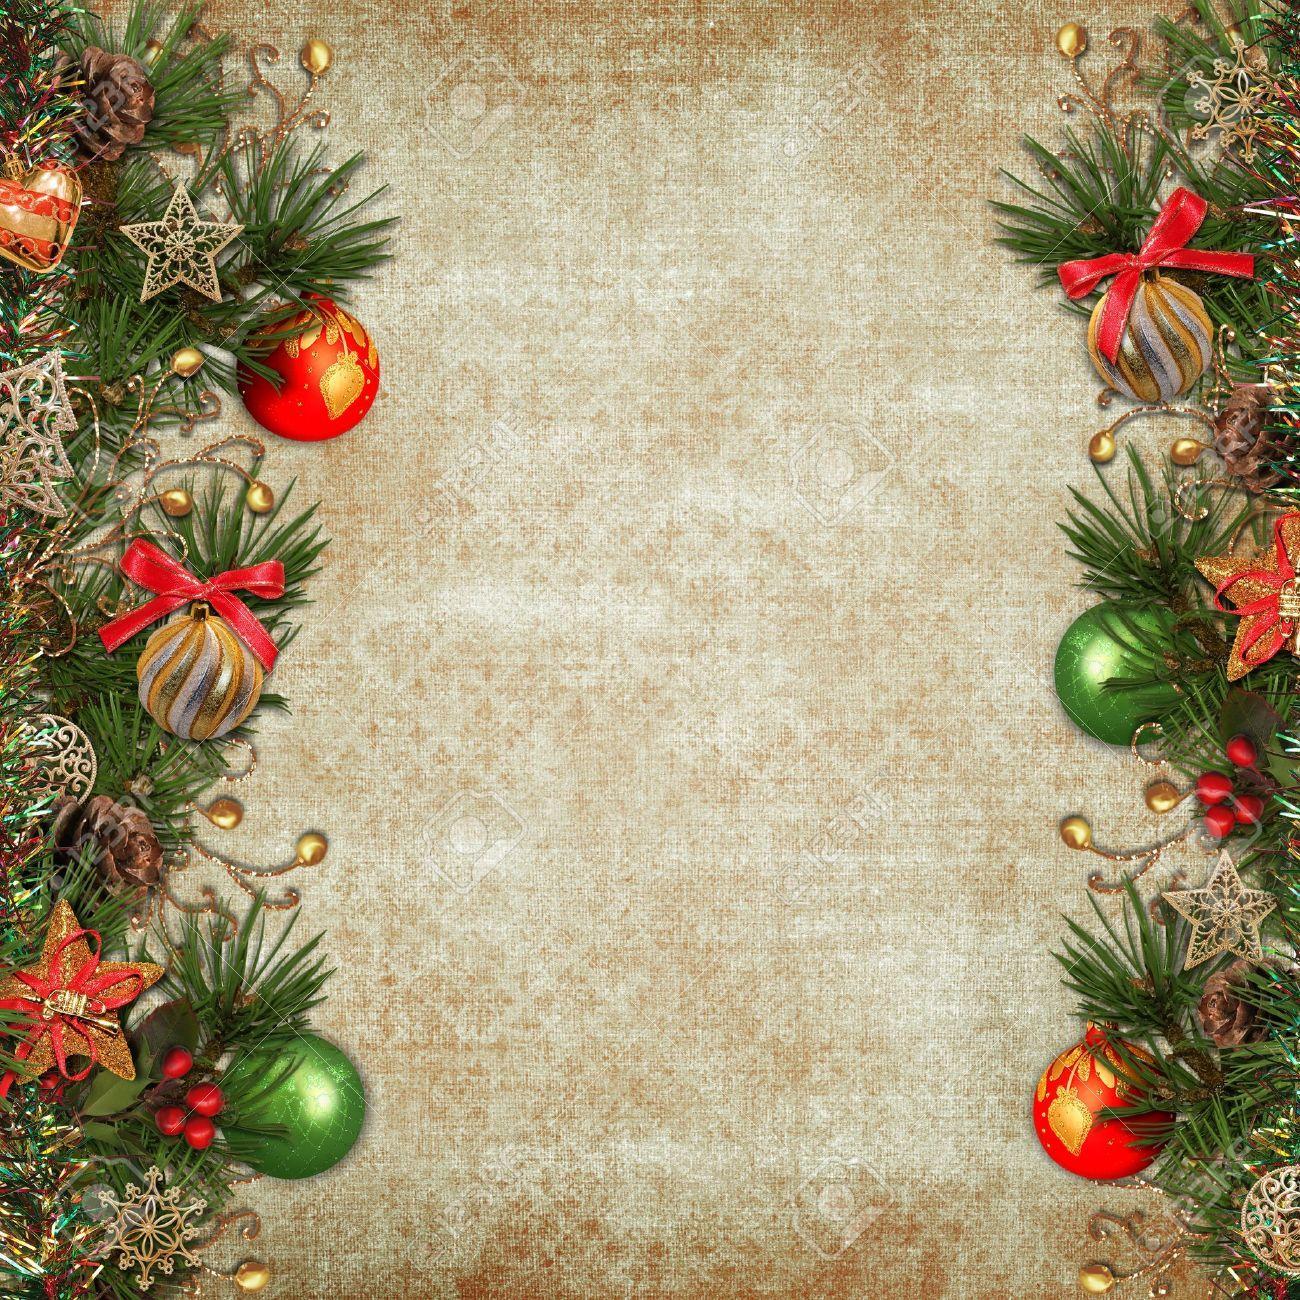 Free Christmas Backgrounds, Christmas